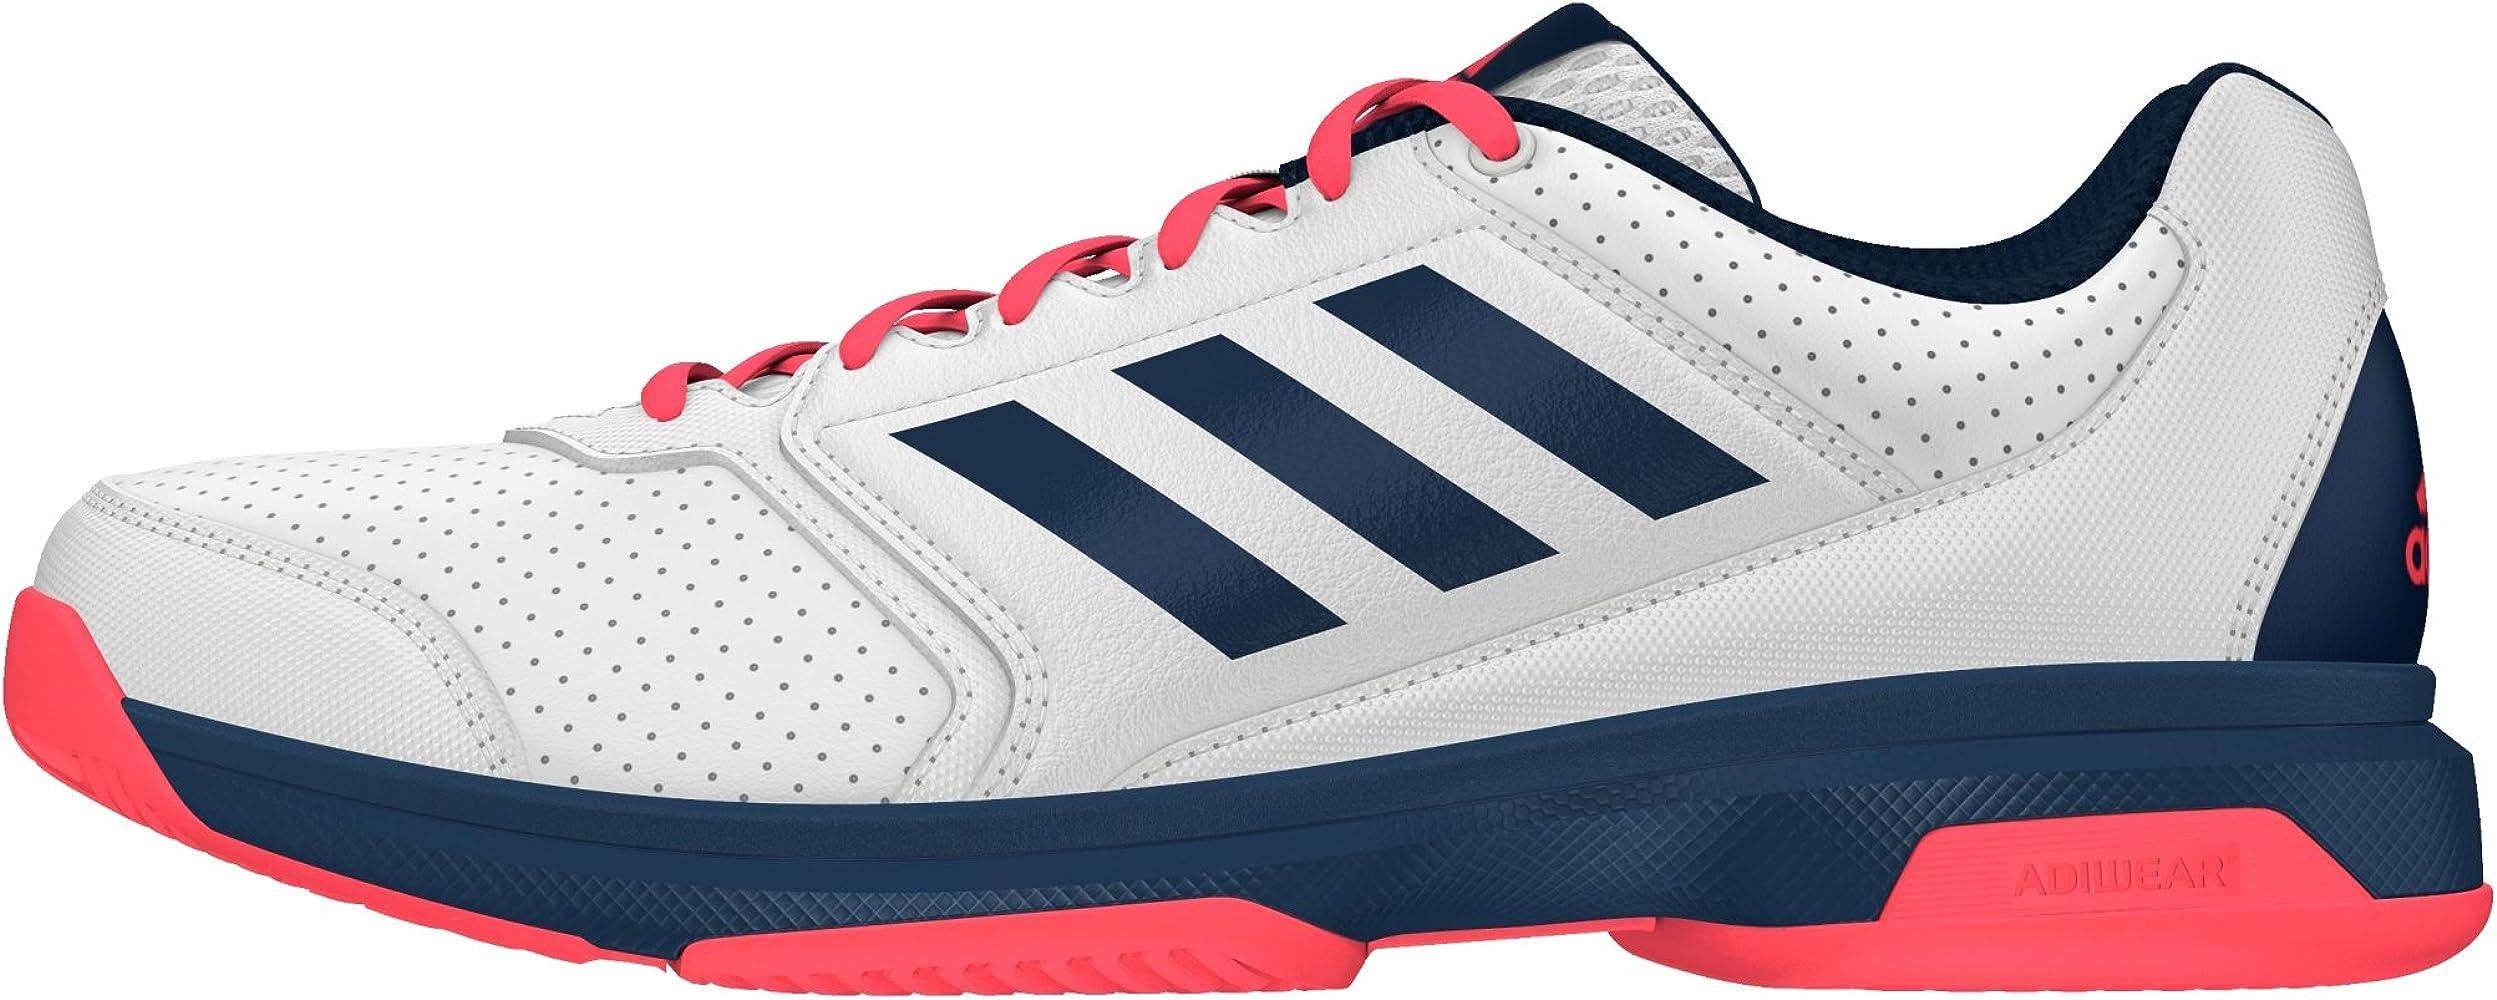 adidas Adizero Attack, Zapatillas de Tenis para Hombre, Blanco ...